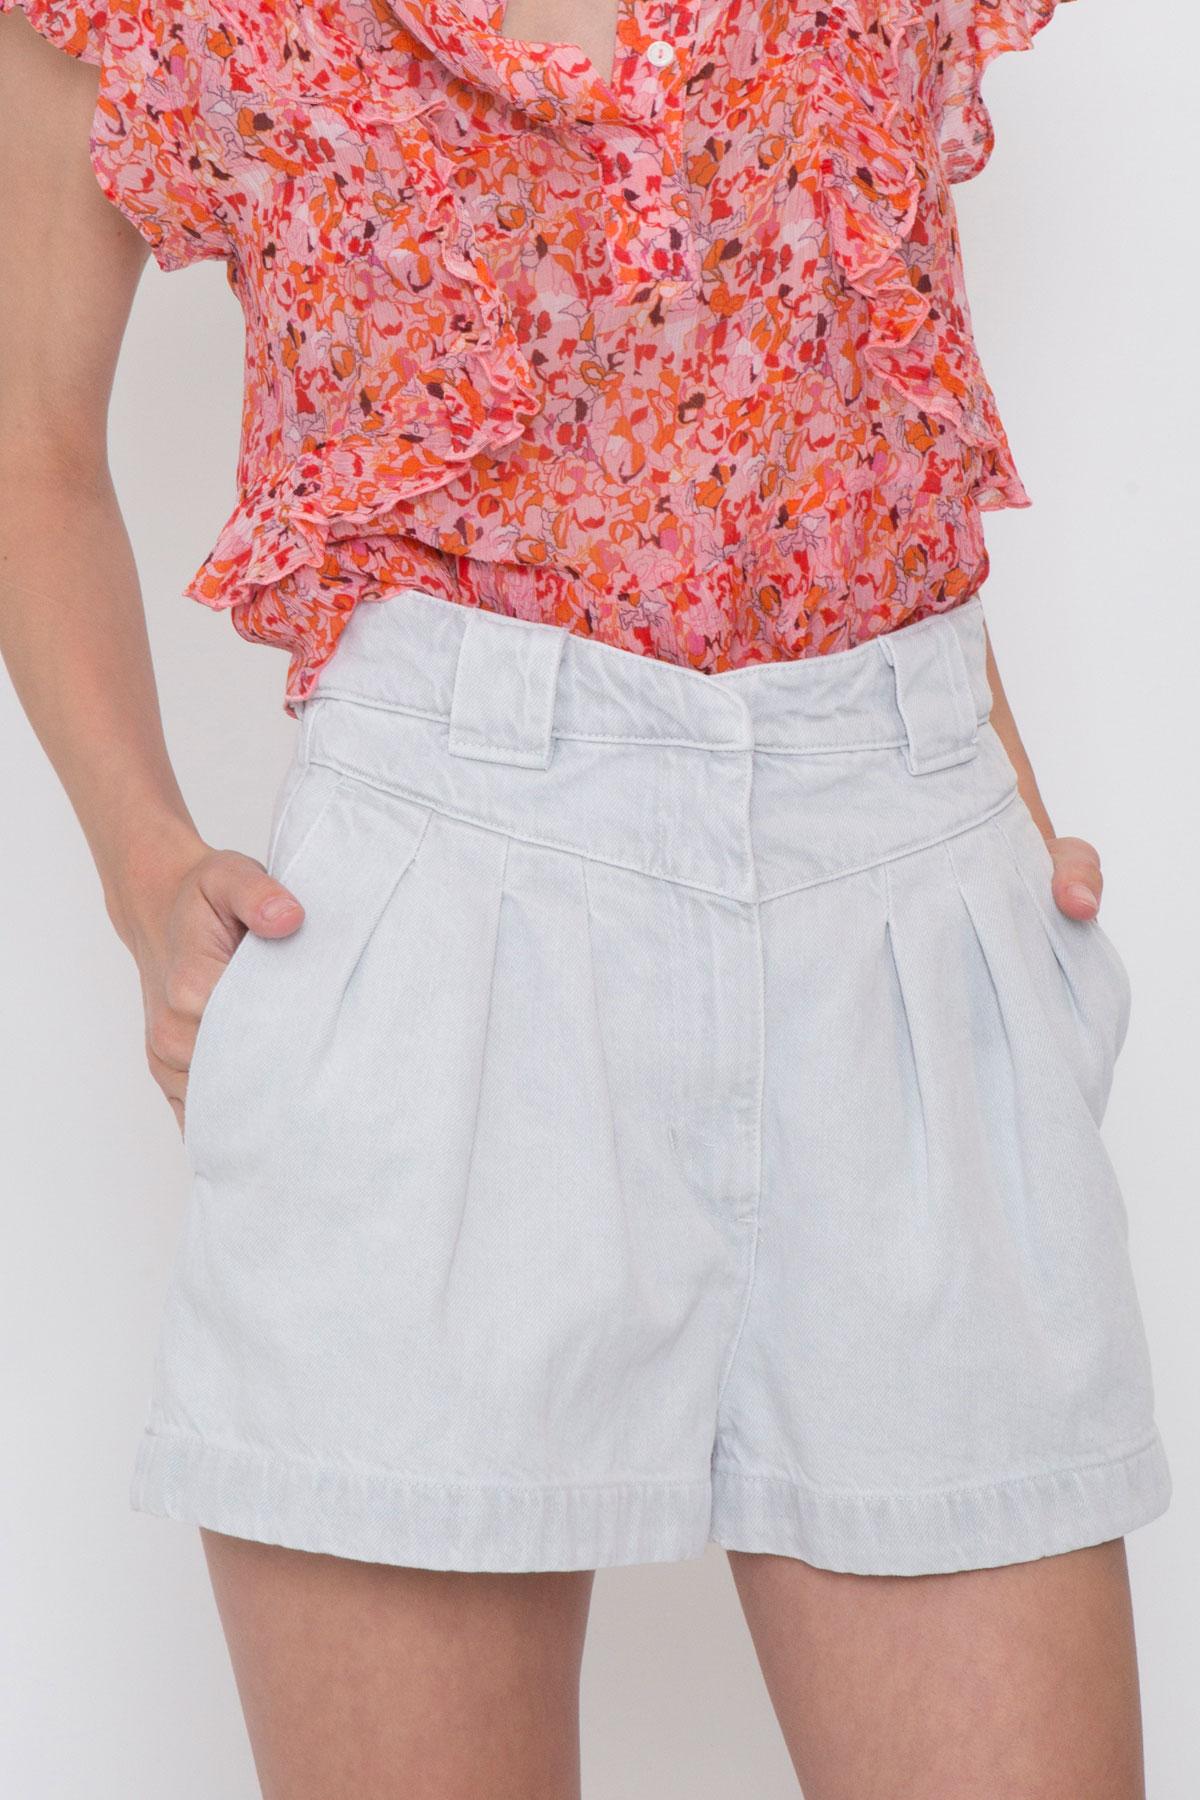 matchboxathens-iro-shorts